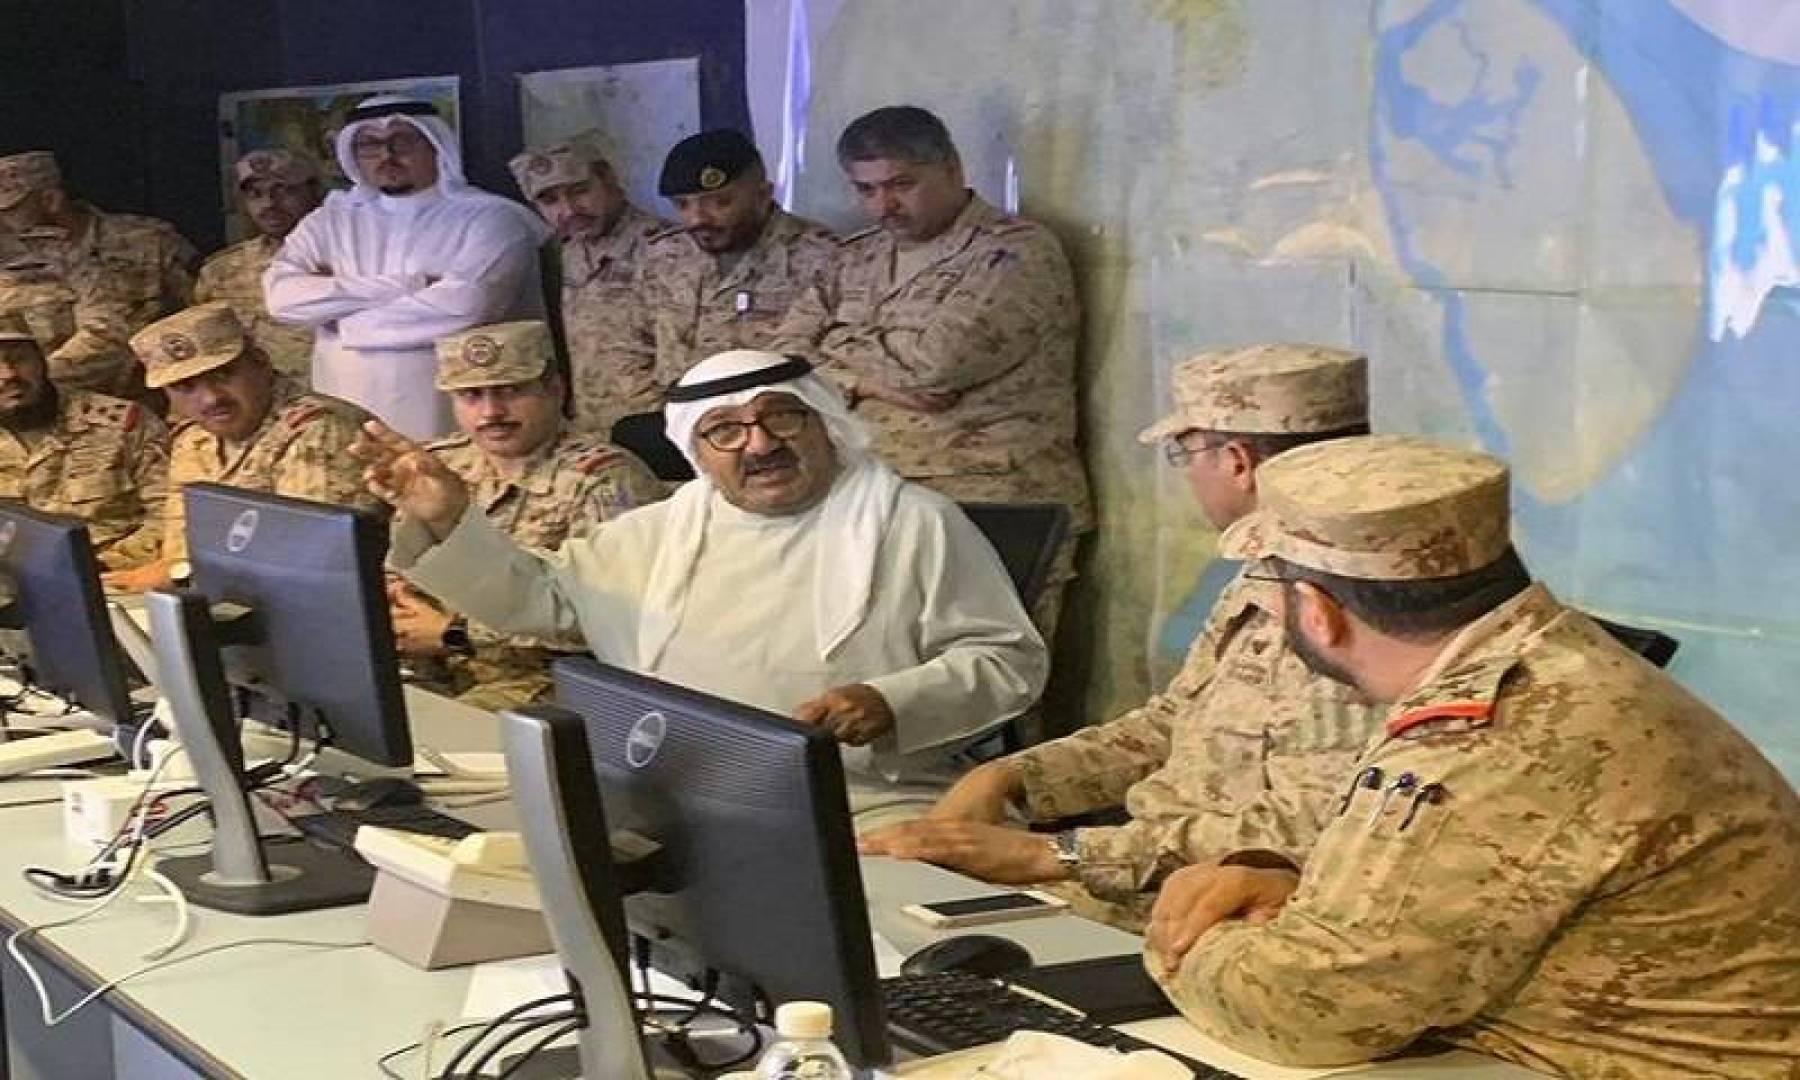 ناصر الصباح: جهوزية تامة لوحدات الجيش